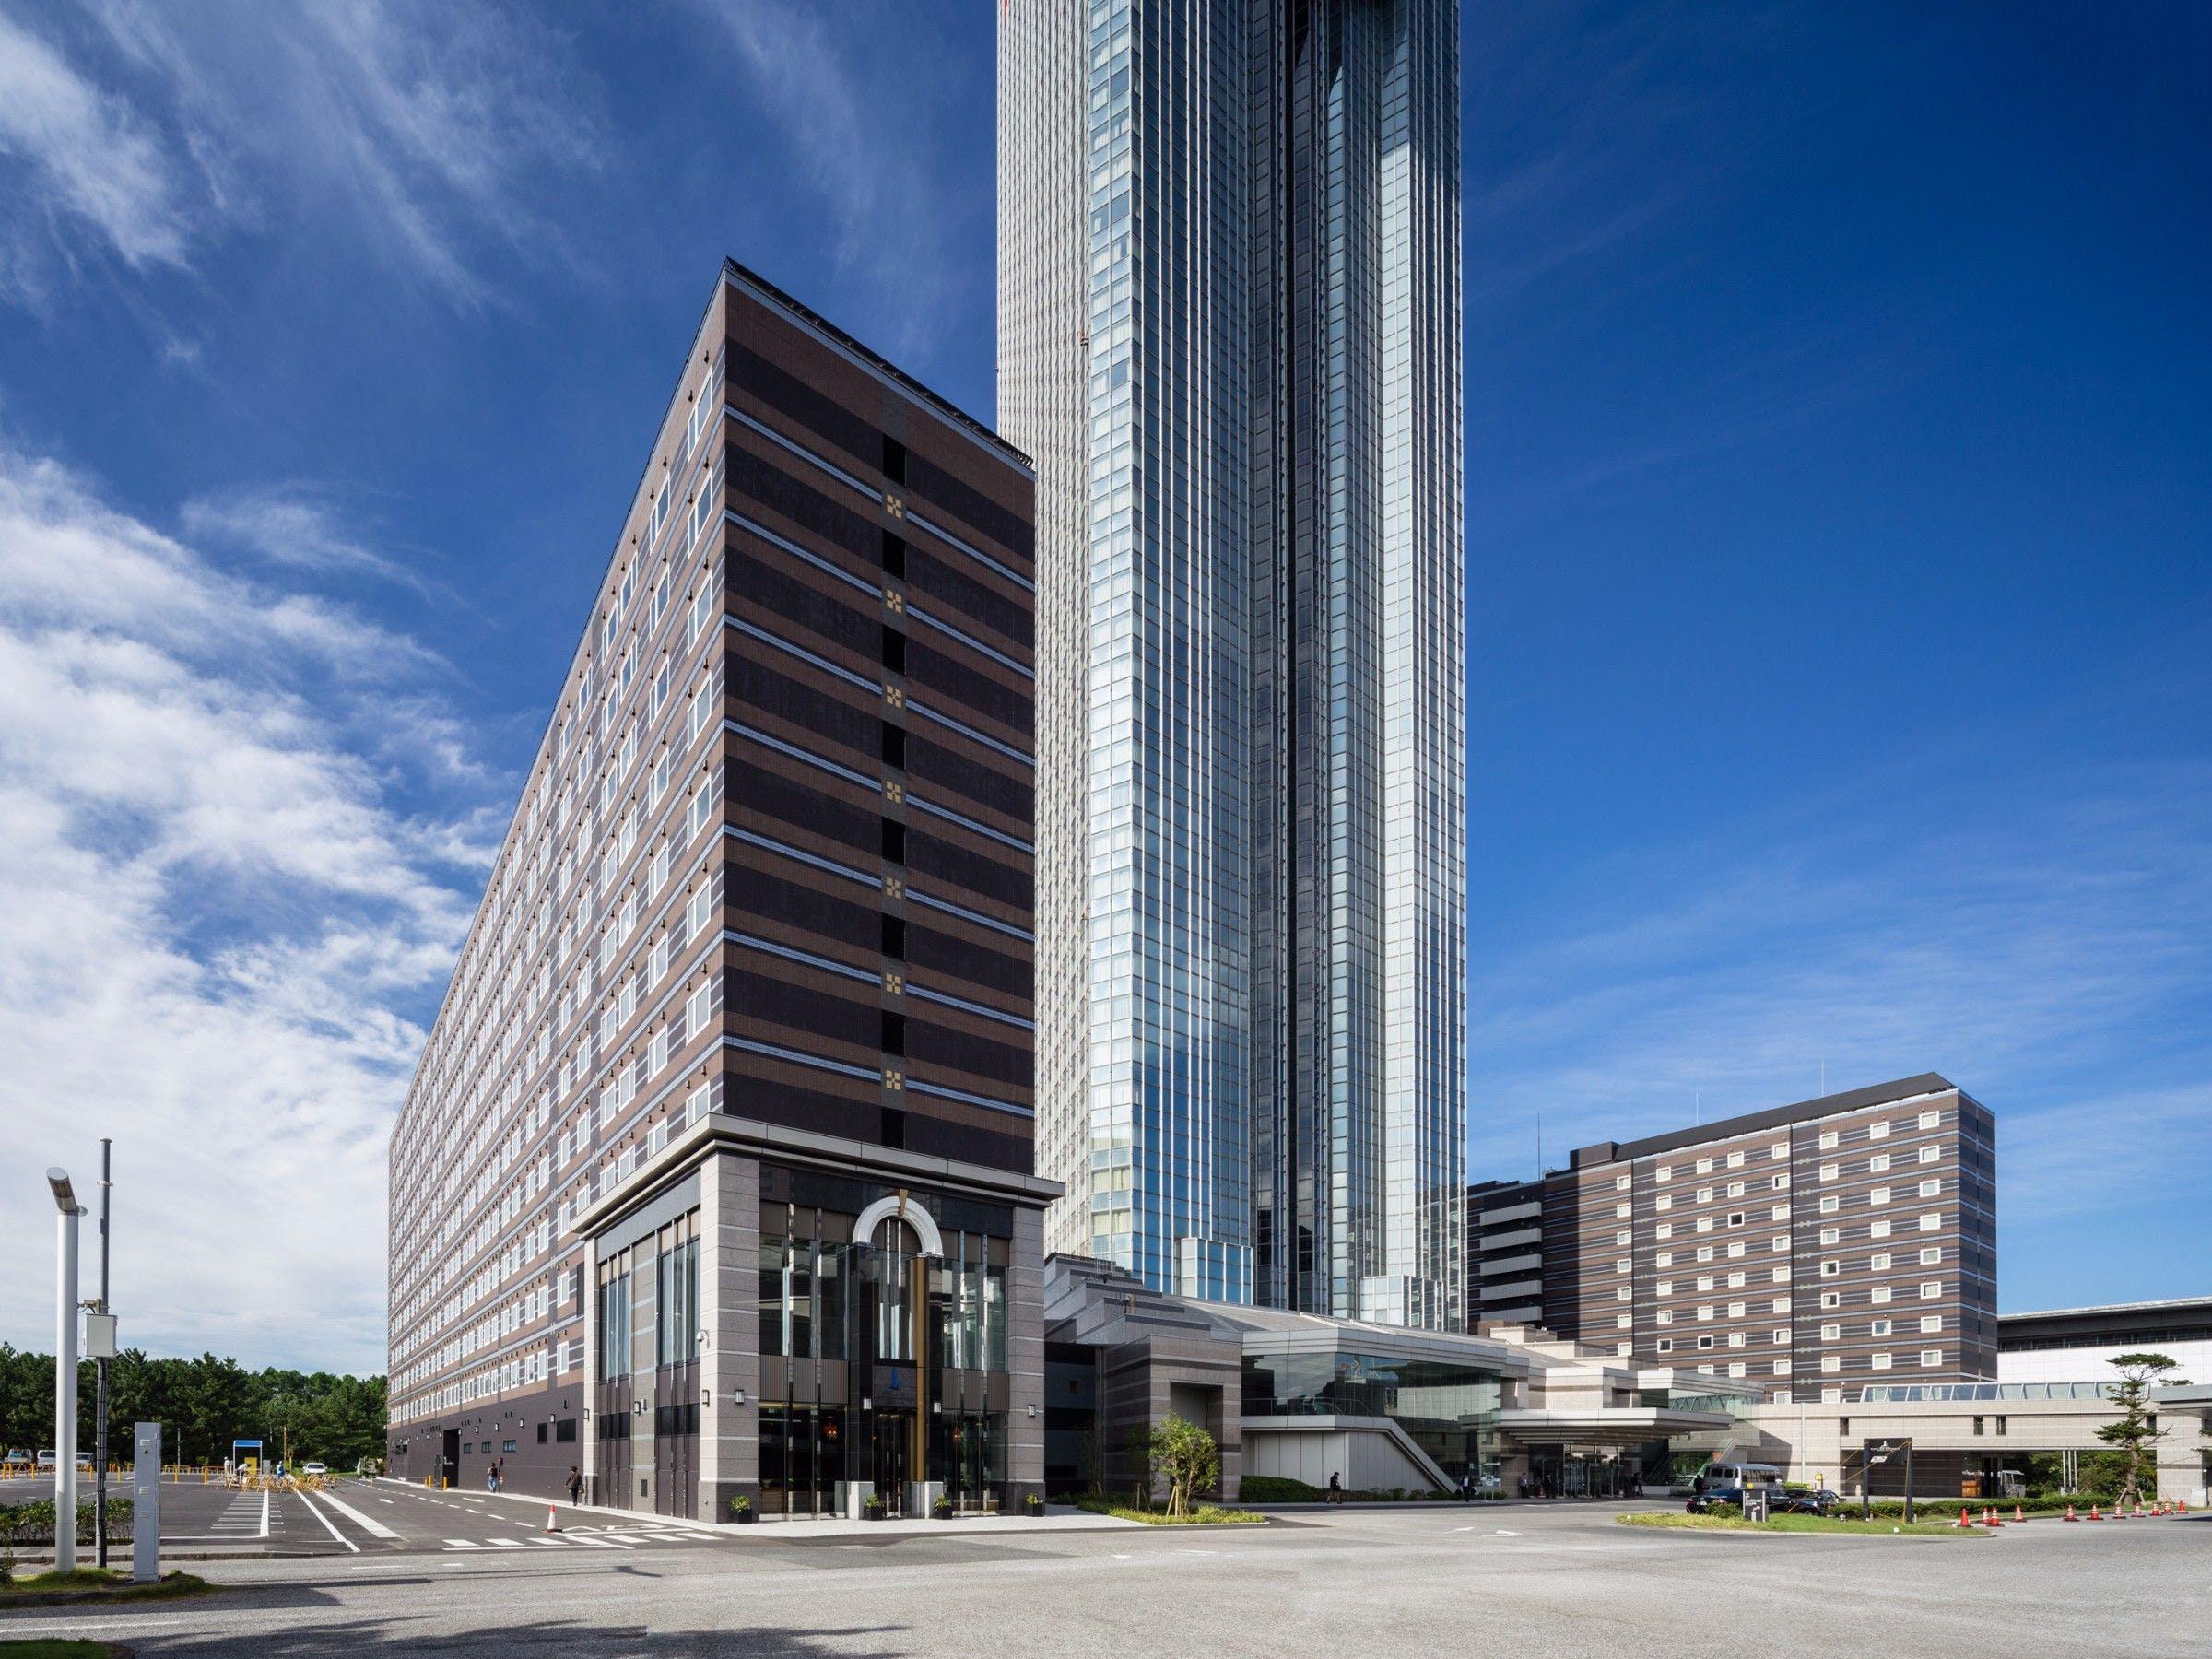 アパホテル&リゾート〈TOKYOベイ幕張〉 写真1